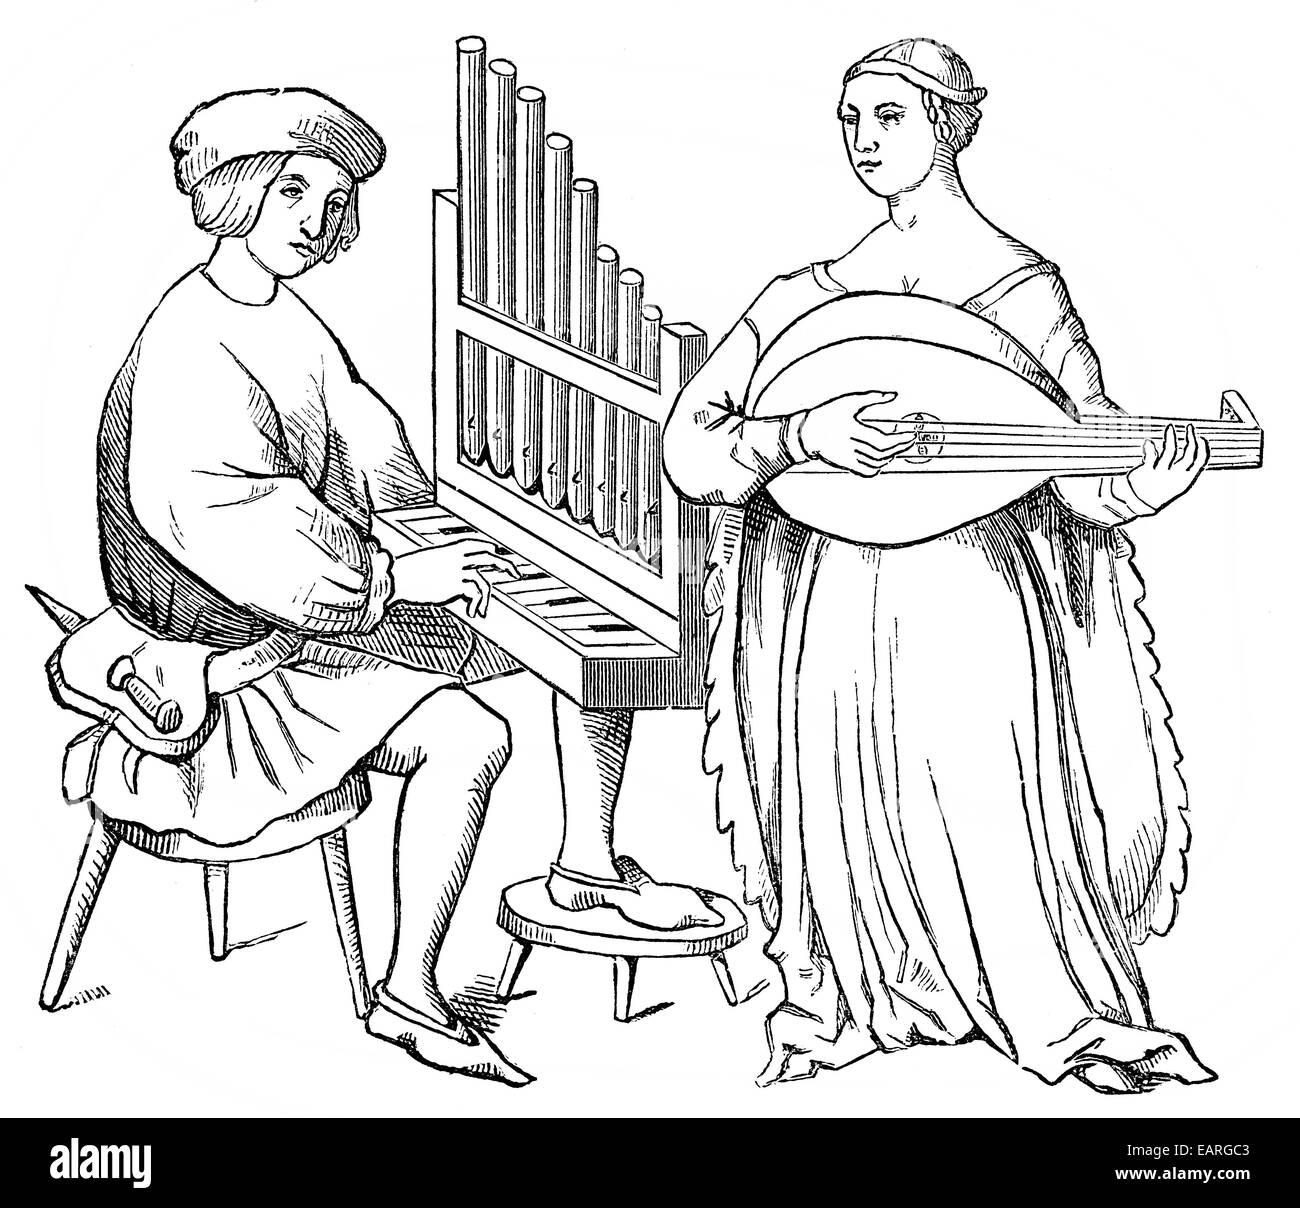 Musiker spielen ein kleines Organ oder tragbaren Orgel und eine 5-saitige laute, 15. und 16. Jahrhundert, Musiker Stockbild